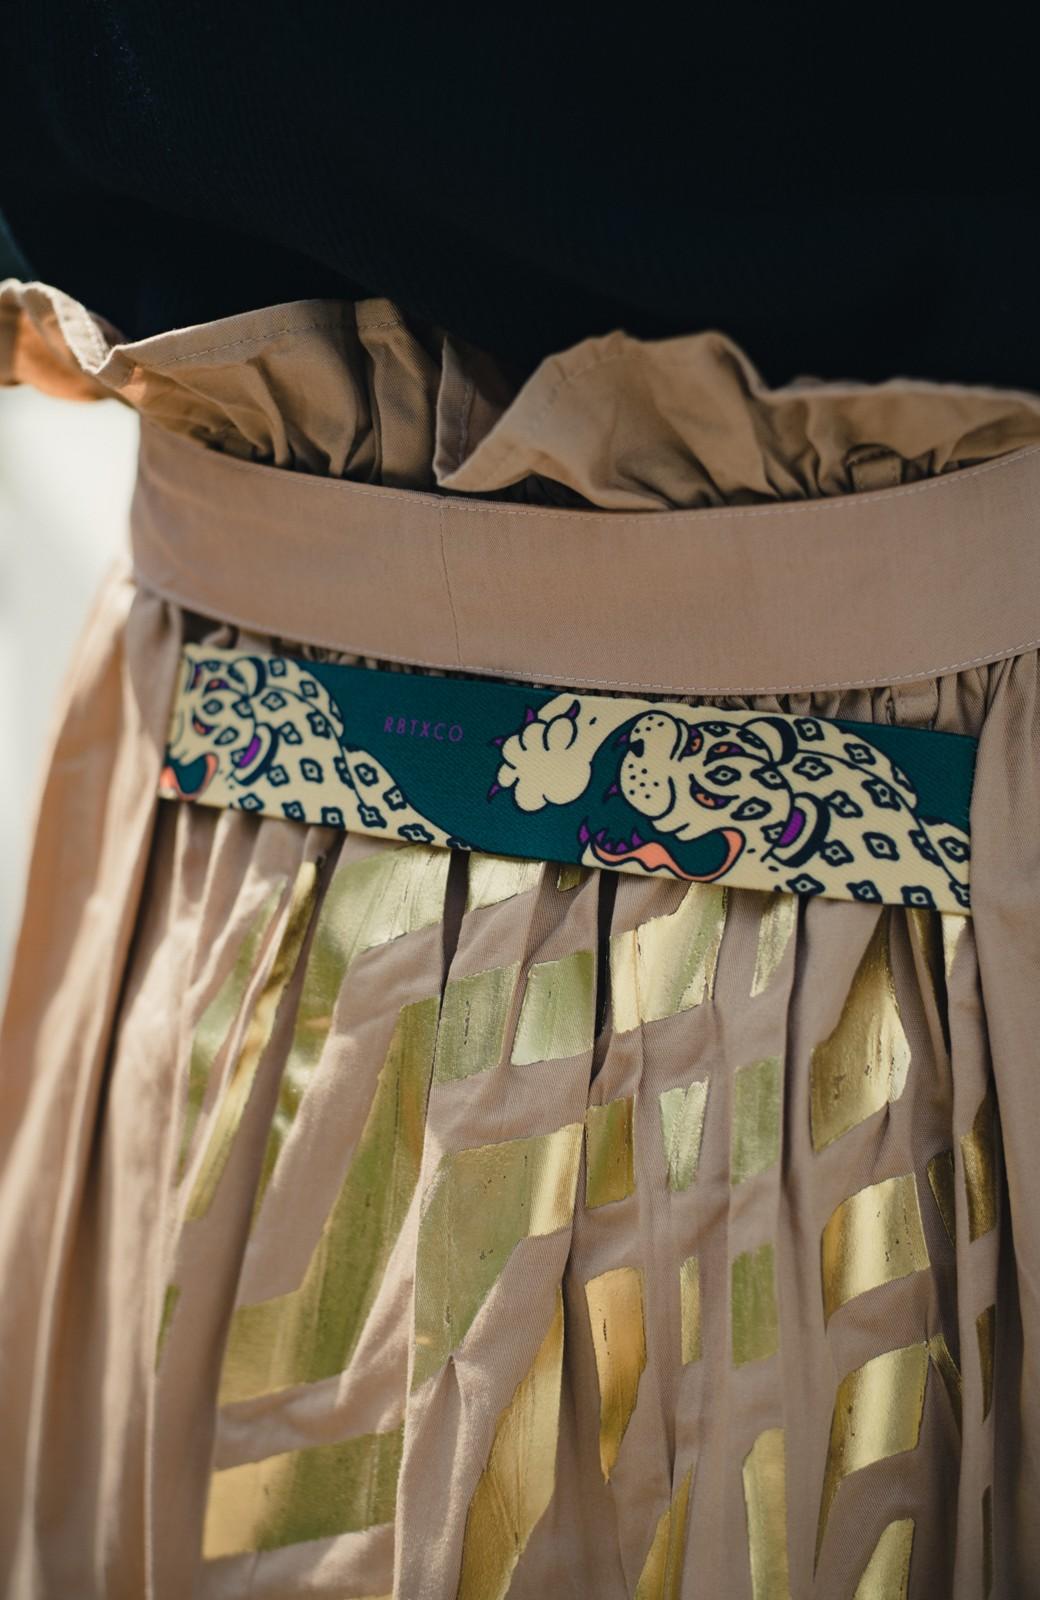 haco! haco! × RBTXCO後ろ姿にトキメキ 箔プリントとヒョウ柄ゴムのウエストリボンスカート <ベージュ>の商品写真4